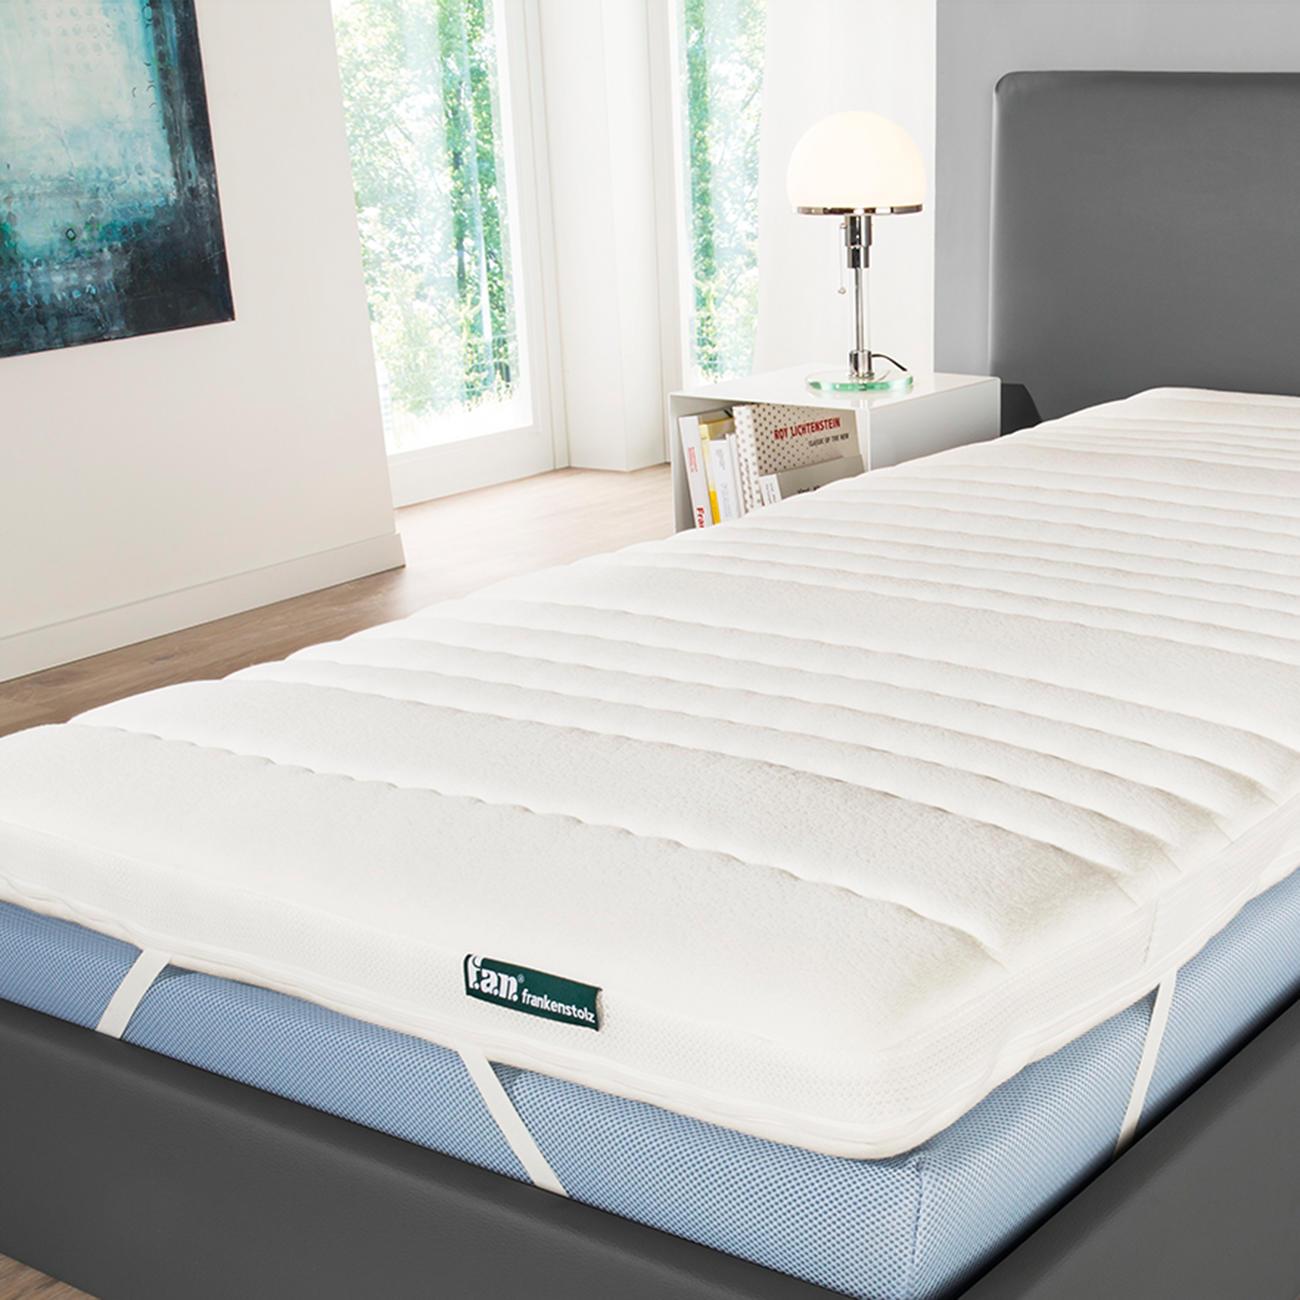 federkern matratzenauflage 3 jahre garantie pro idee. Black Bedroom Furniture Sets. Home Design Ideas